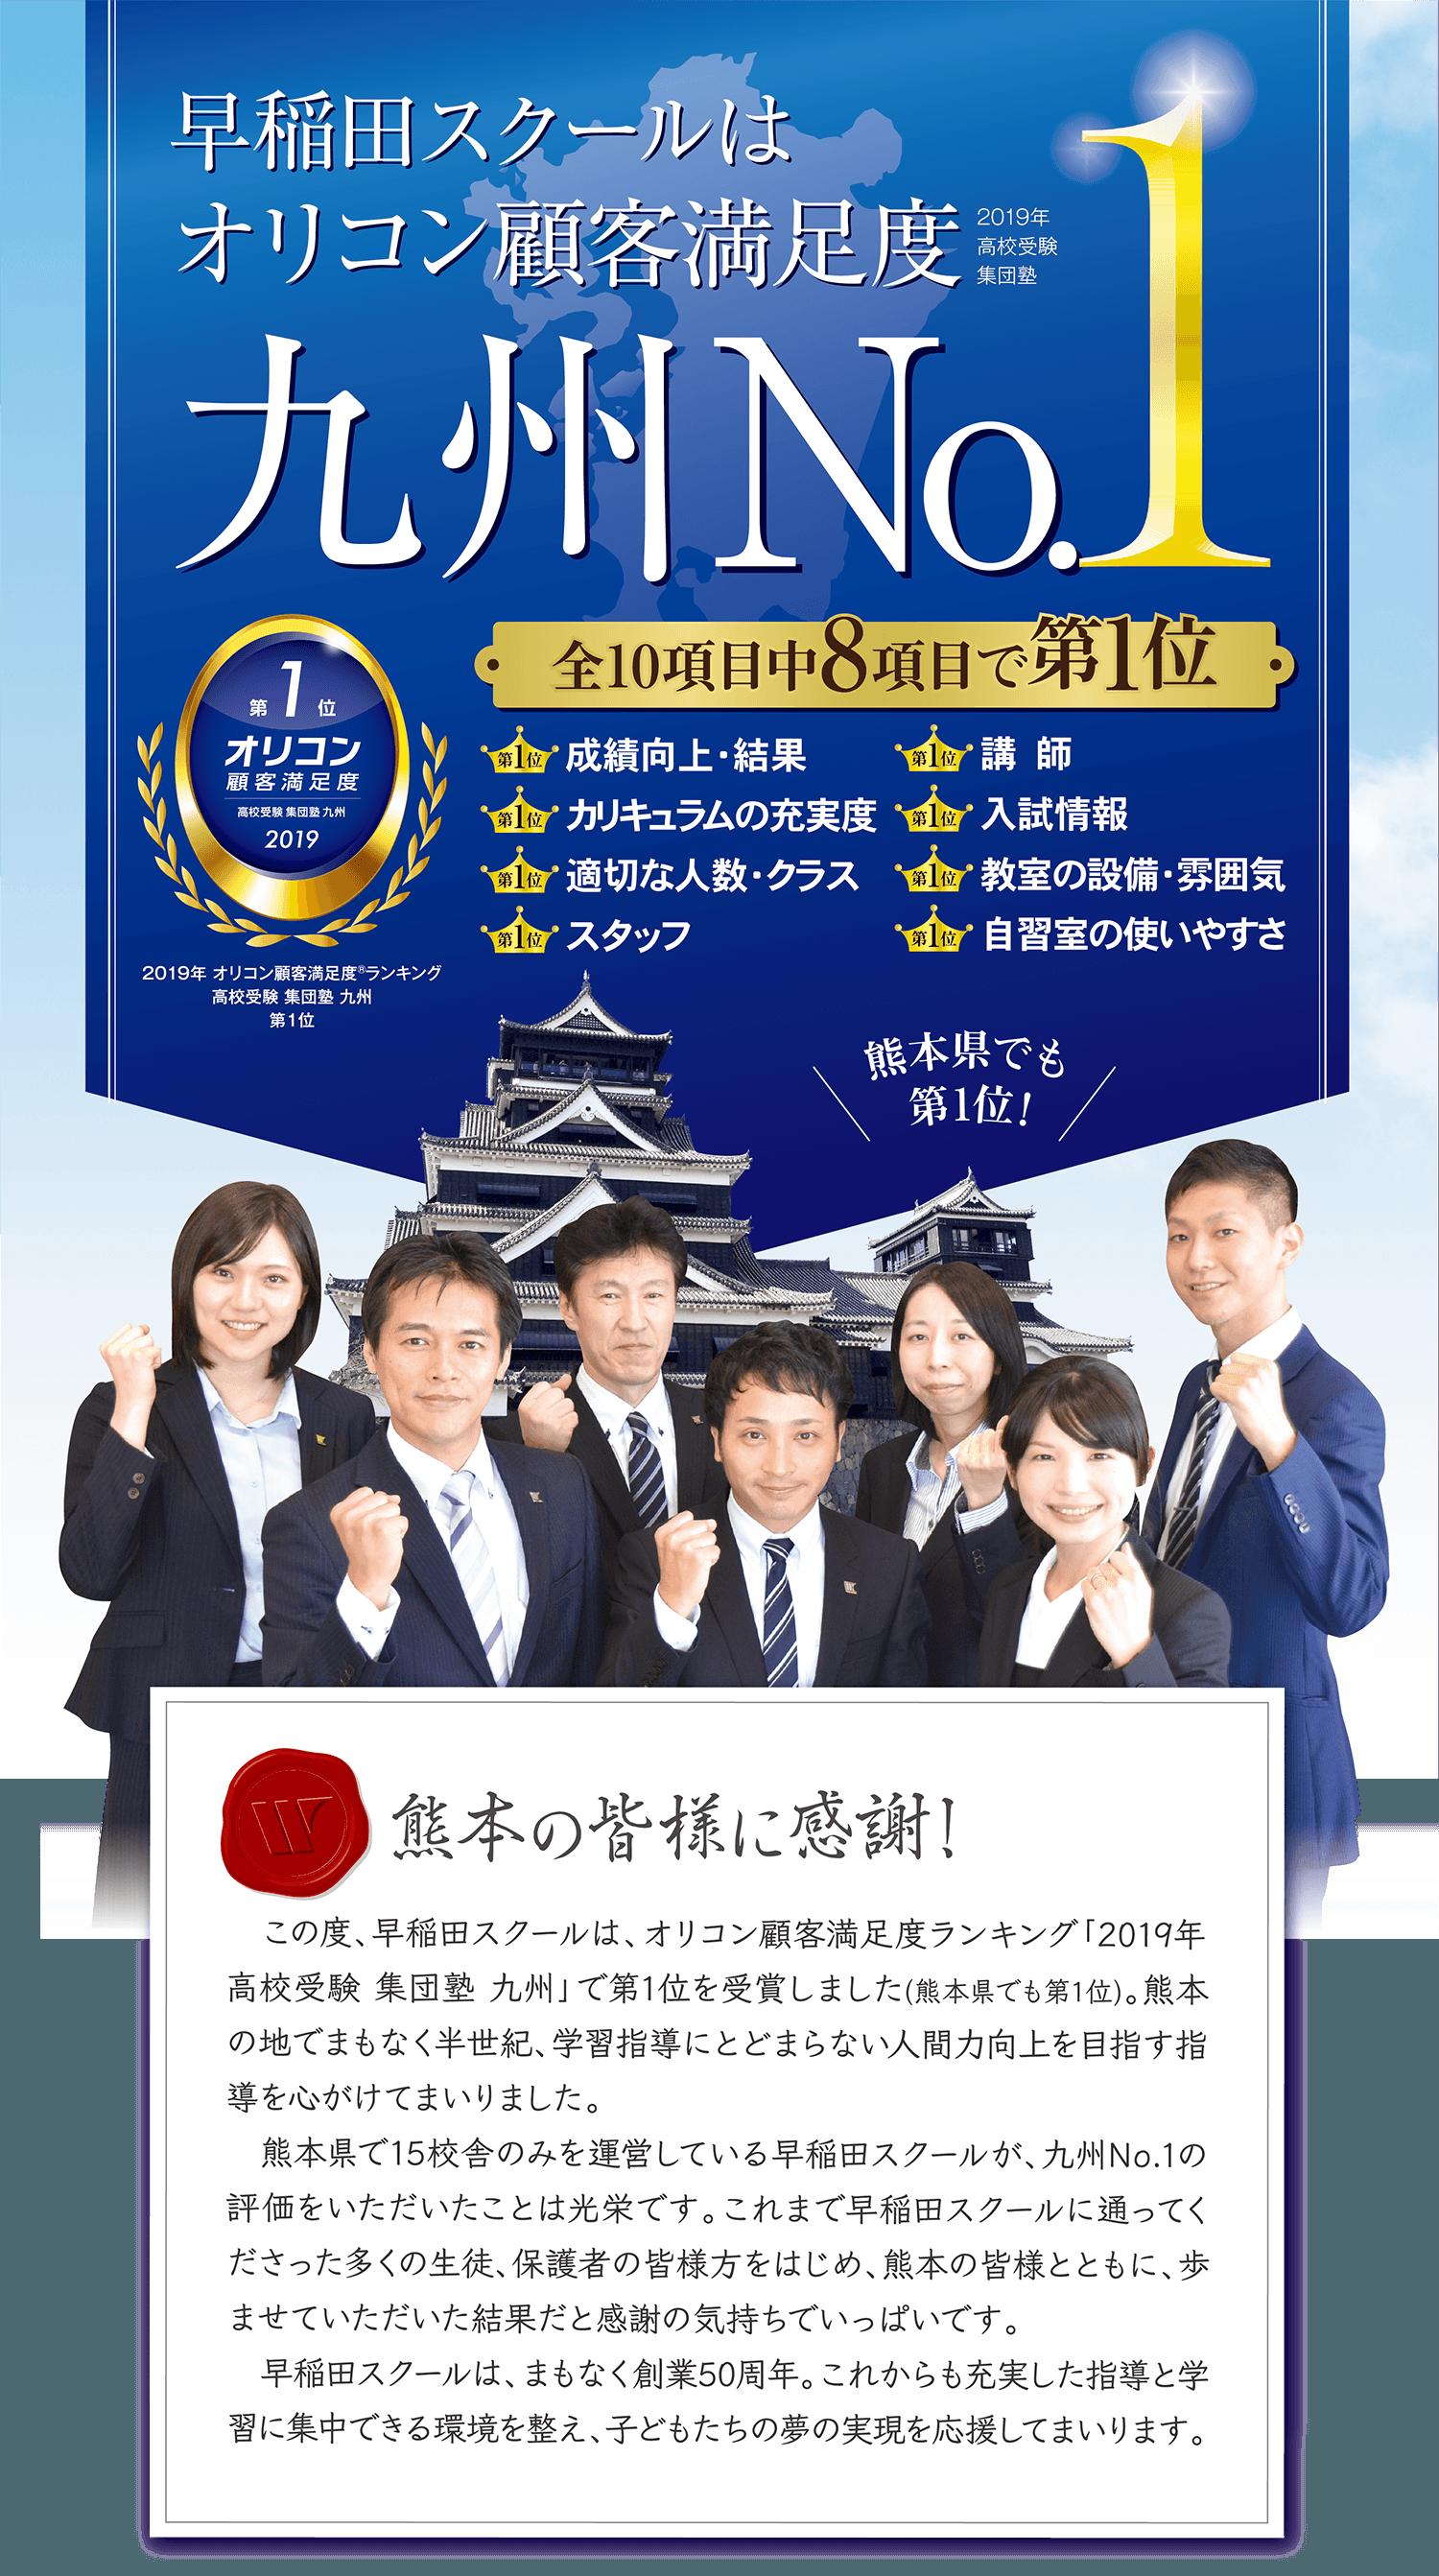 早稲田スクールは、2019年 オリコン顧客満足度調査 九州 第1位